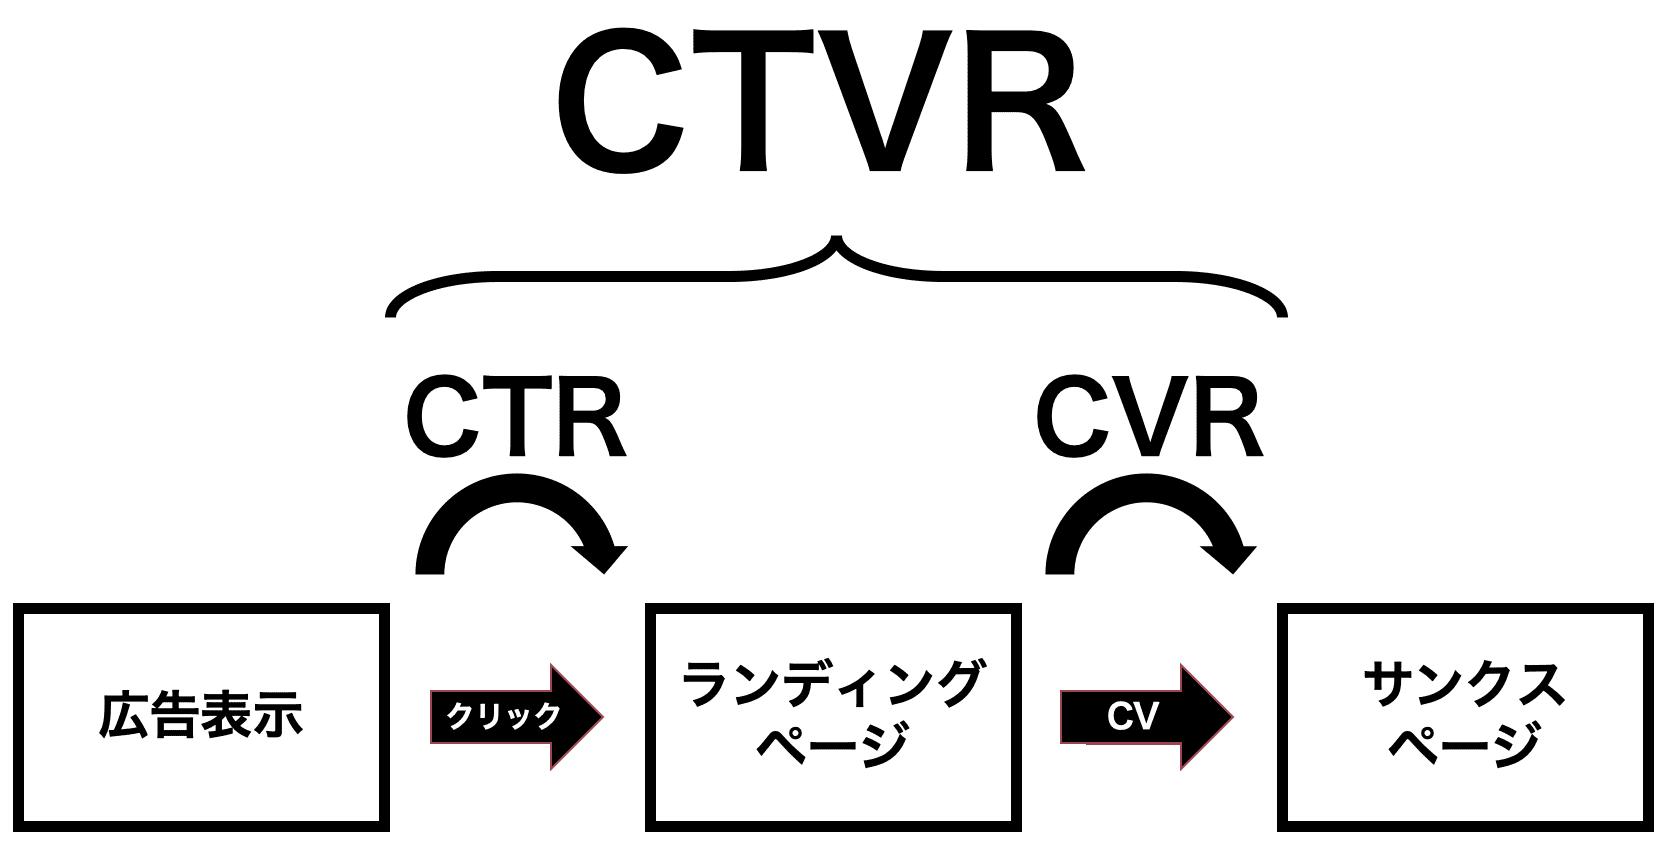 CTVR計算式